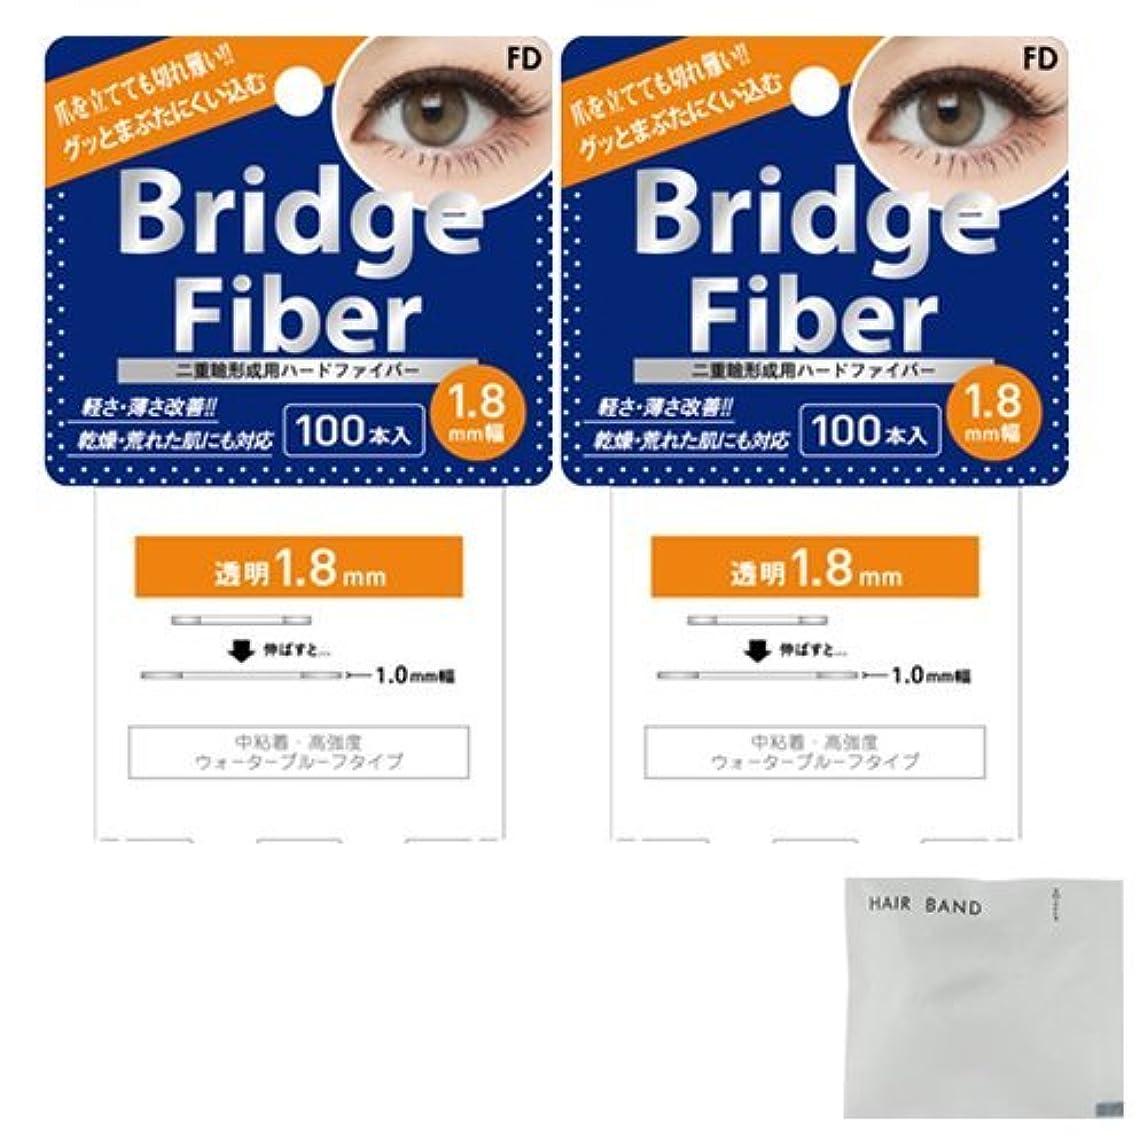 上記の頭と肩代表上記の頭と肩FD ブリッジファイバーⅡ (Bridge Fiber) クリア1.8mm×2個 + ヘアゴム(カラーはおまかせ)セット